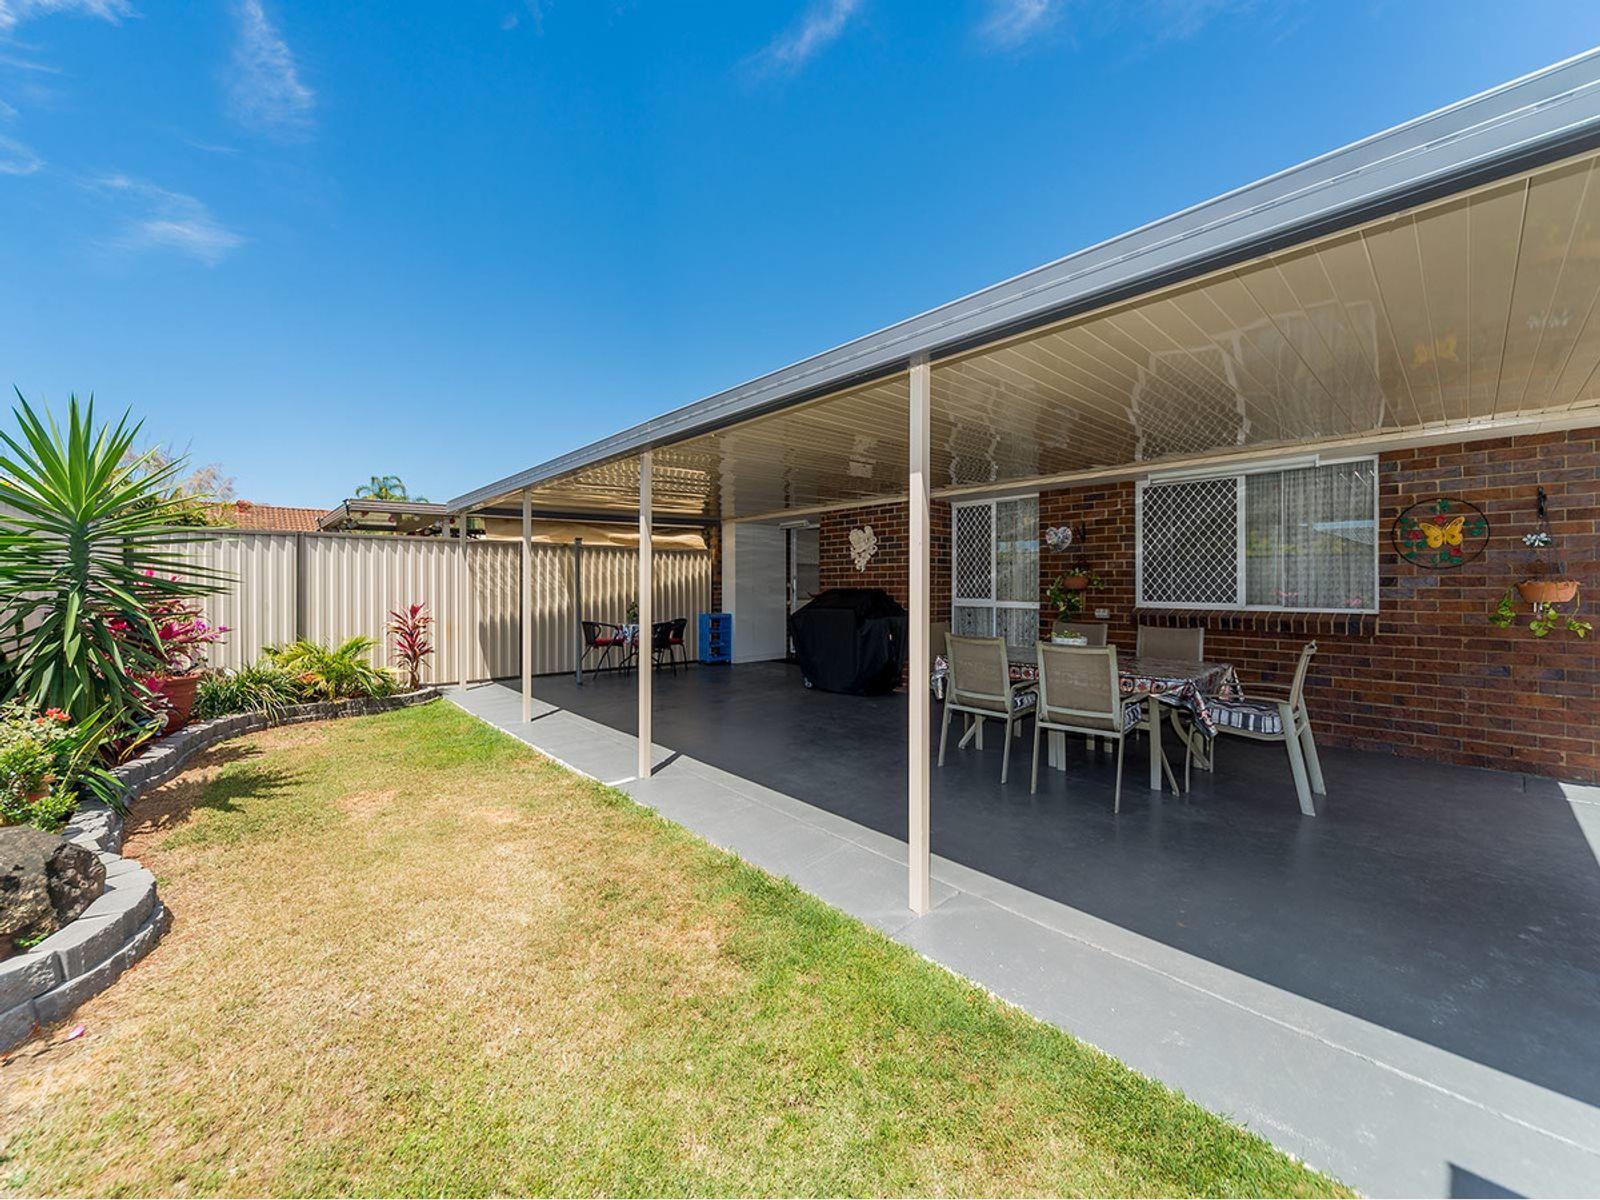 2/3 Possum Crescent, Coombabah, QLD 4216